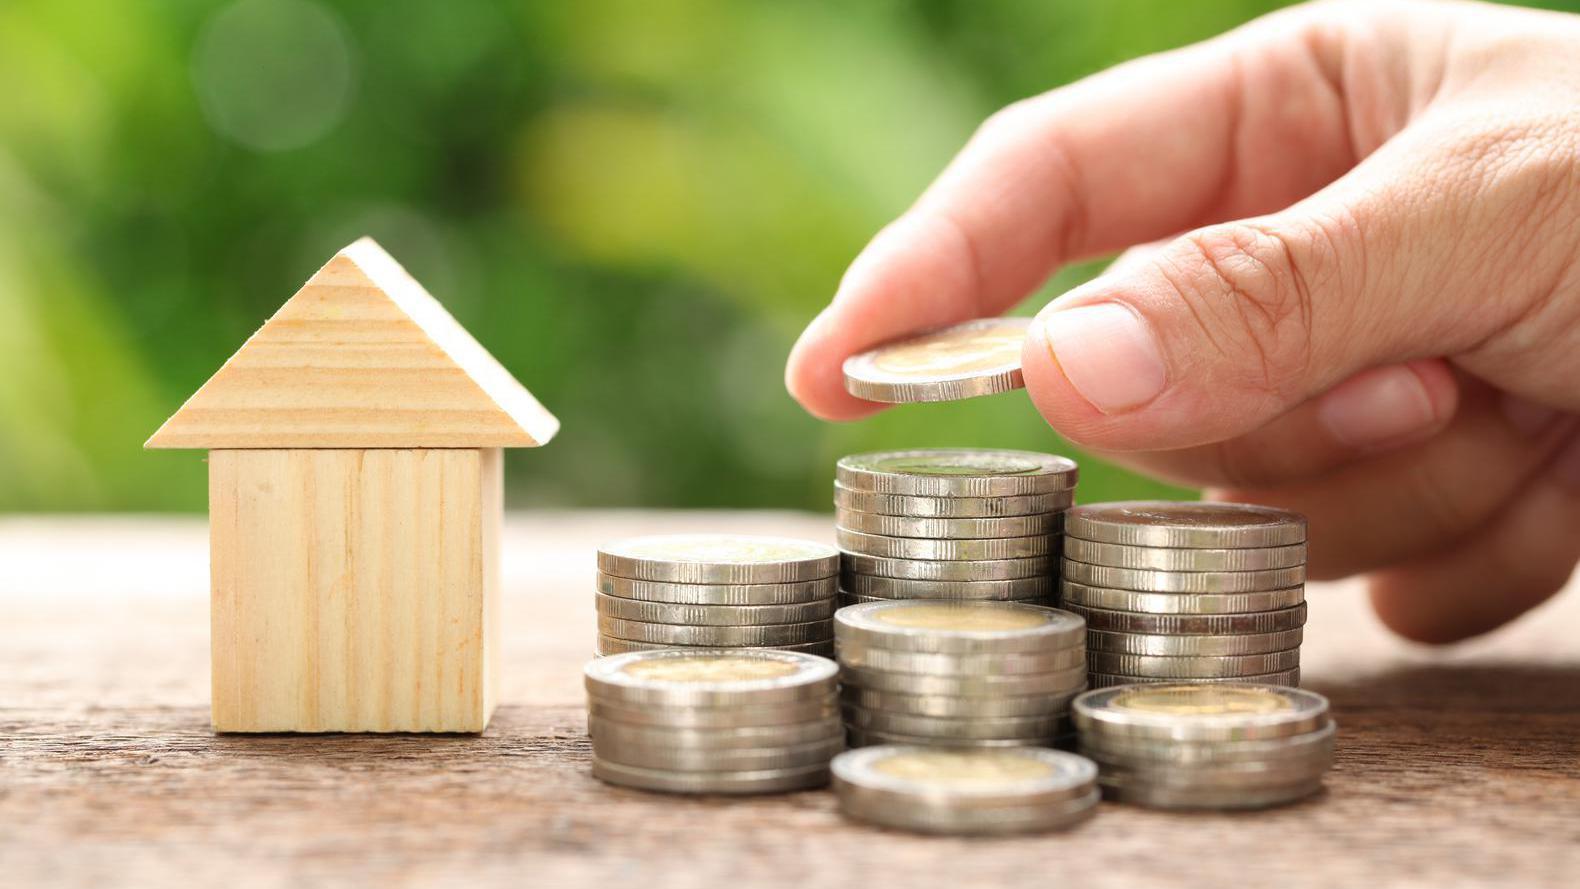 Tijdelijk mogelijk: hypotheek verhogen zonder advies